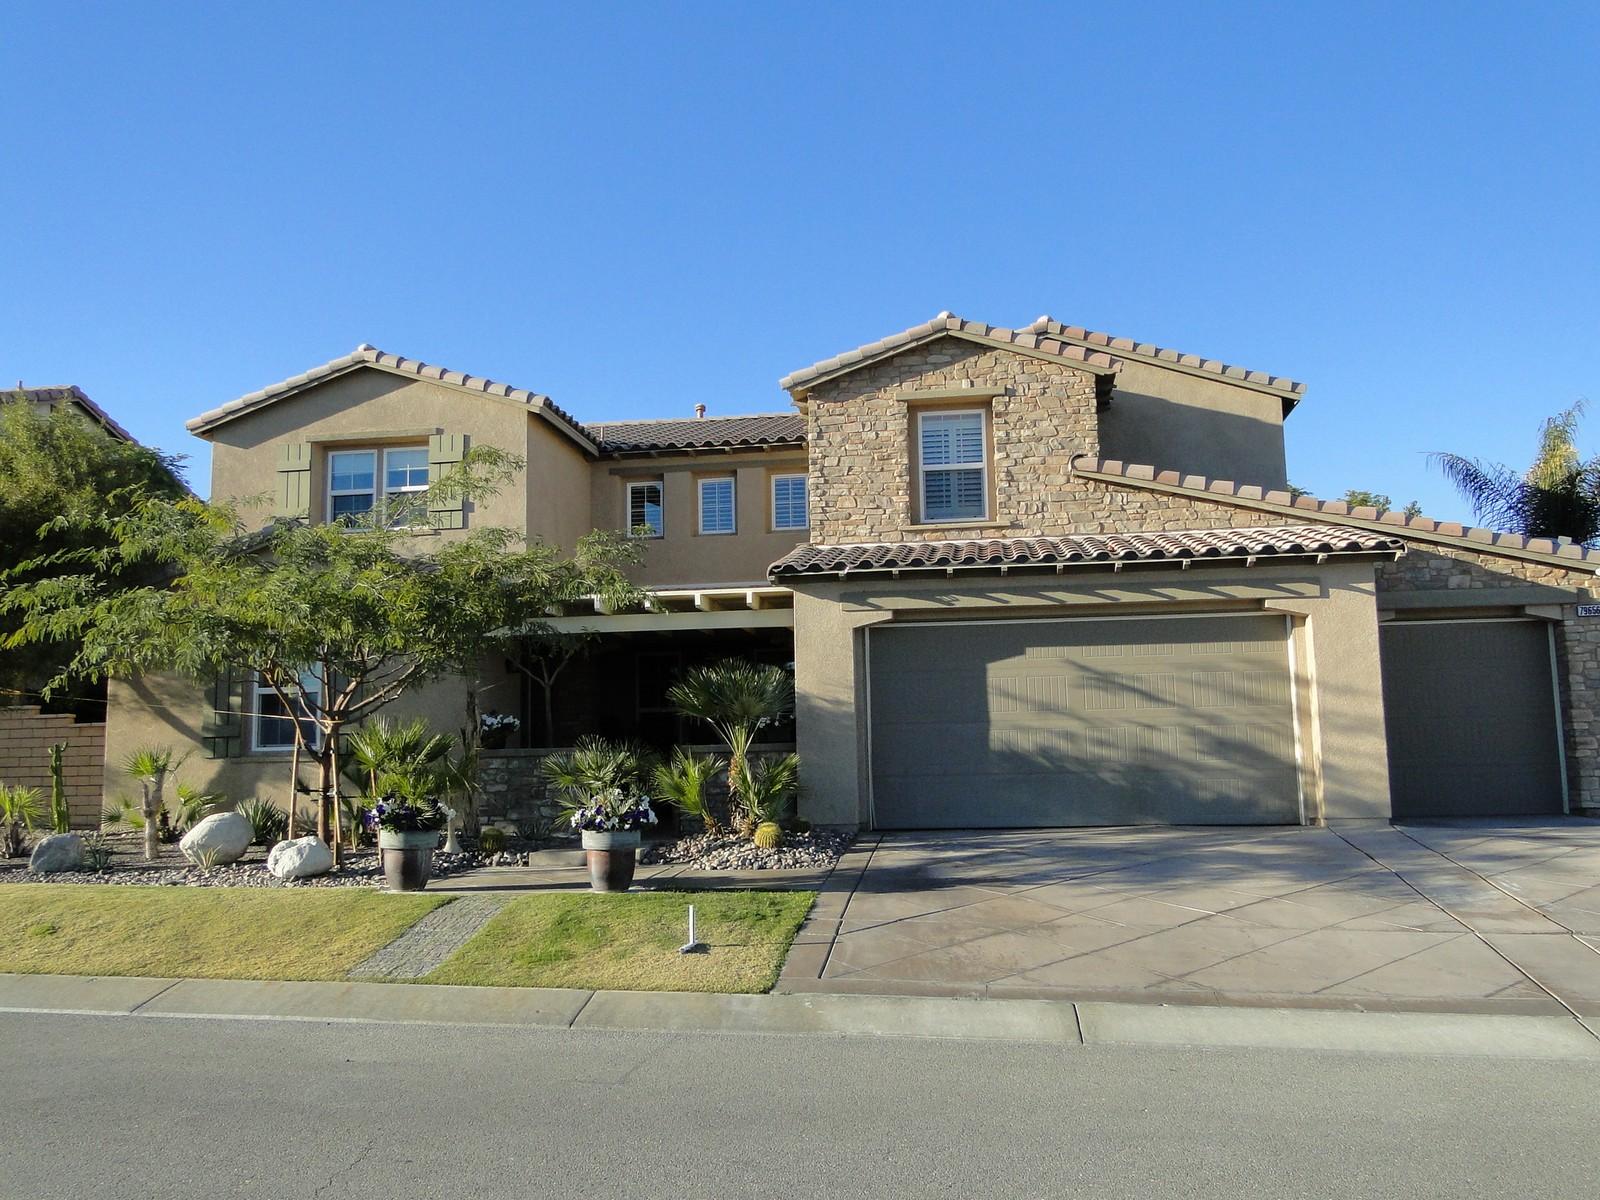 Maison unifamiliale pour l Vente à 79656 Oxford Drive Indio, Californie 92203 États-Unis